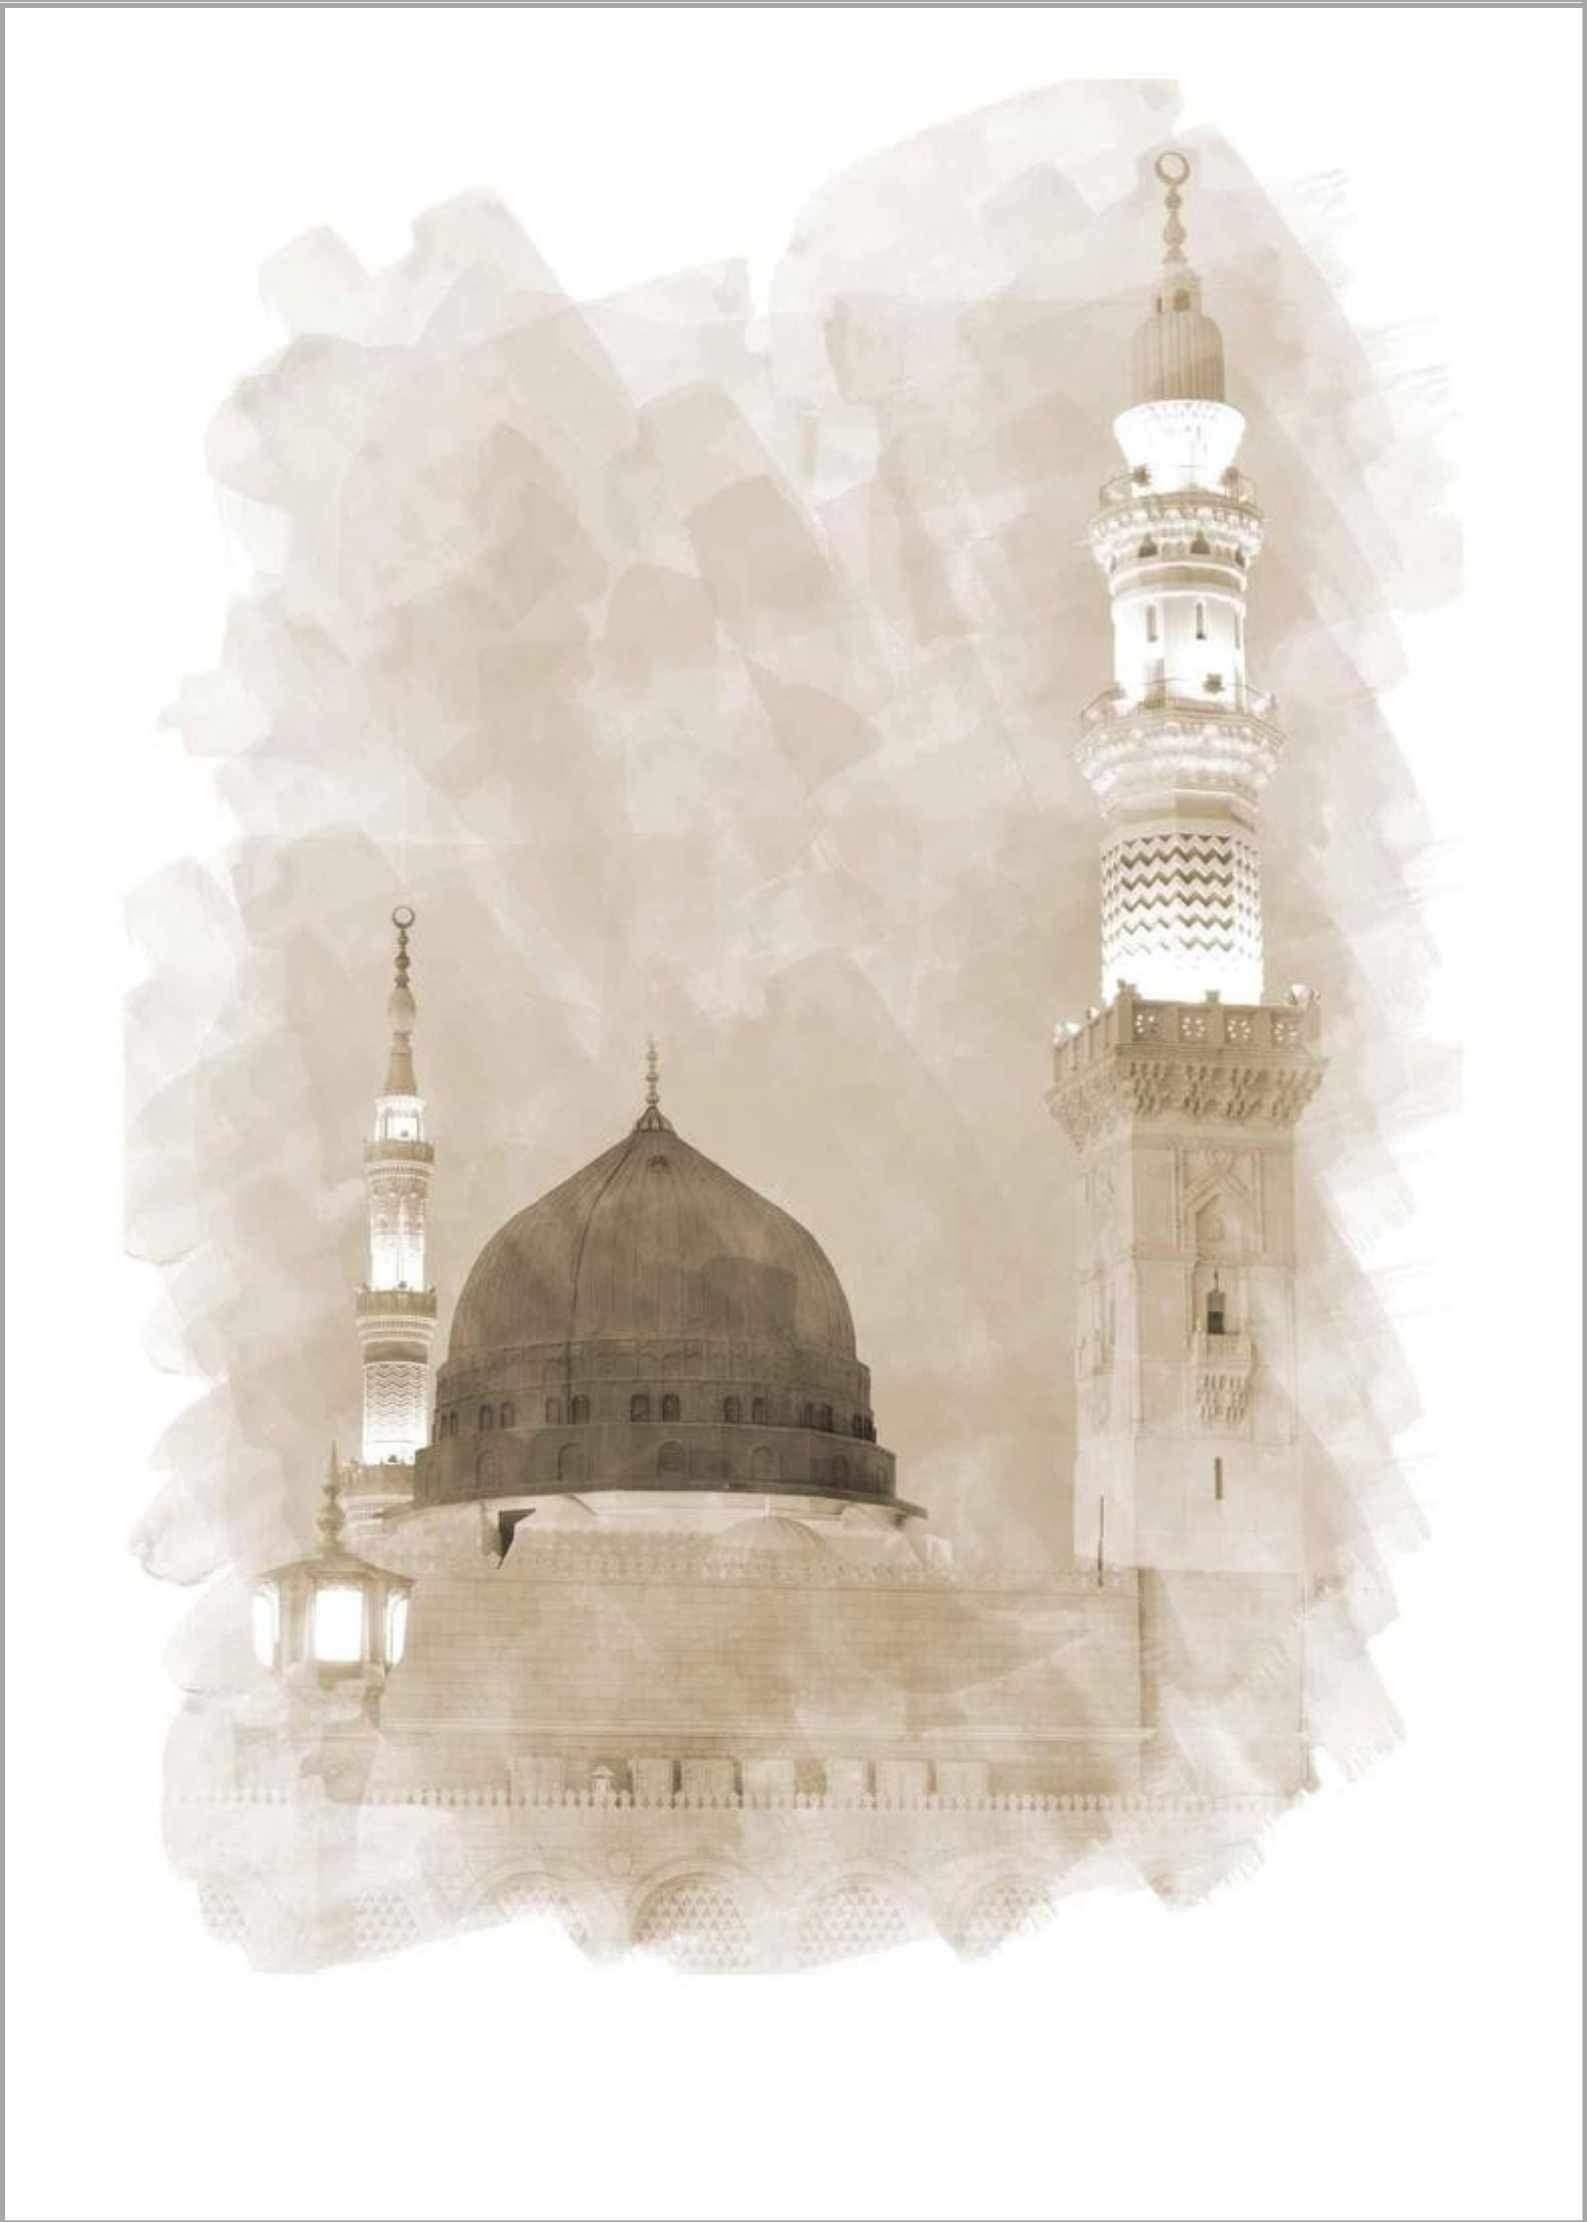 Medina Mosque Watercolor - 50x70cm / Silber